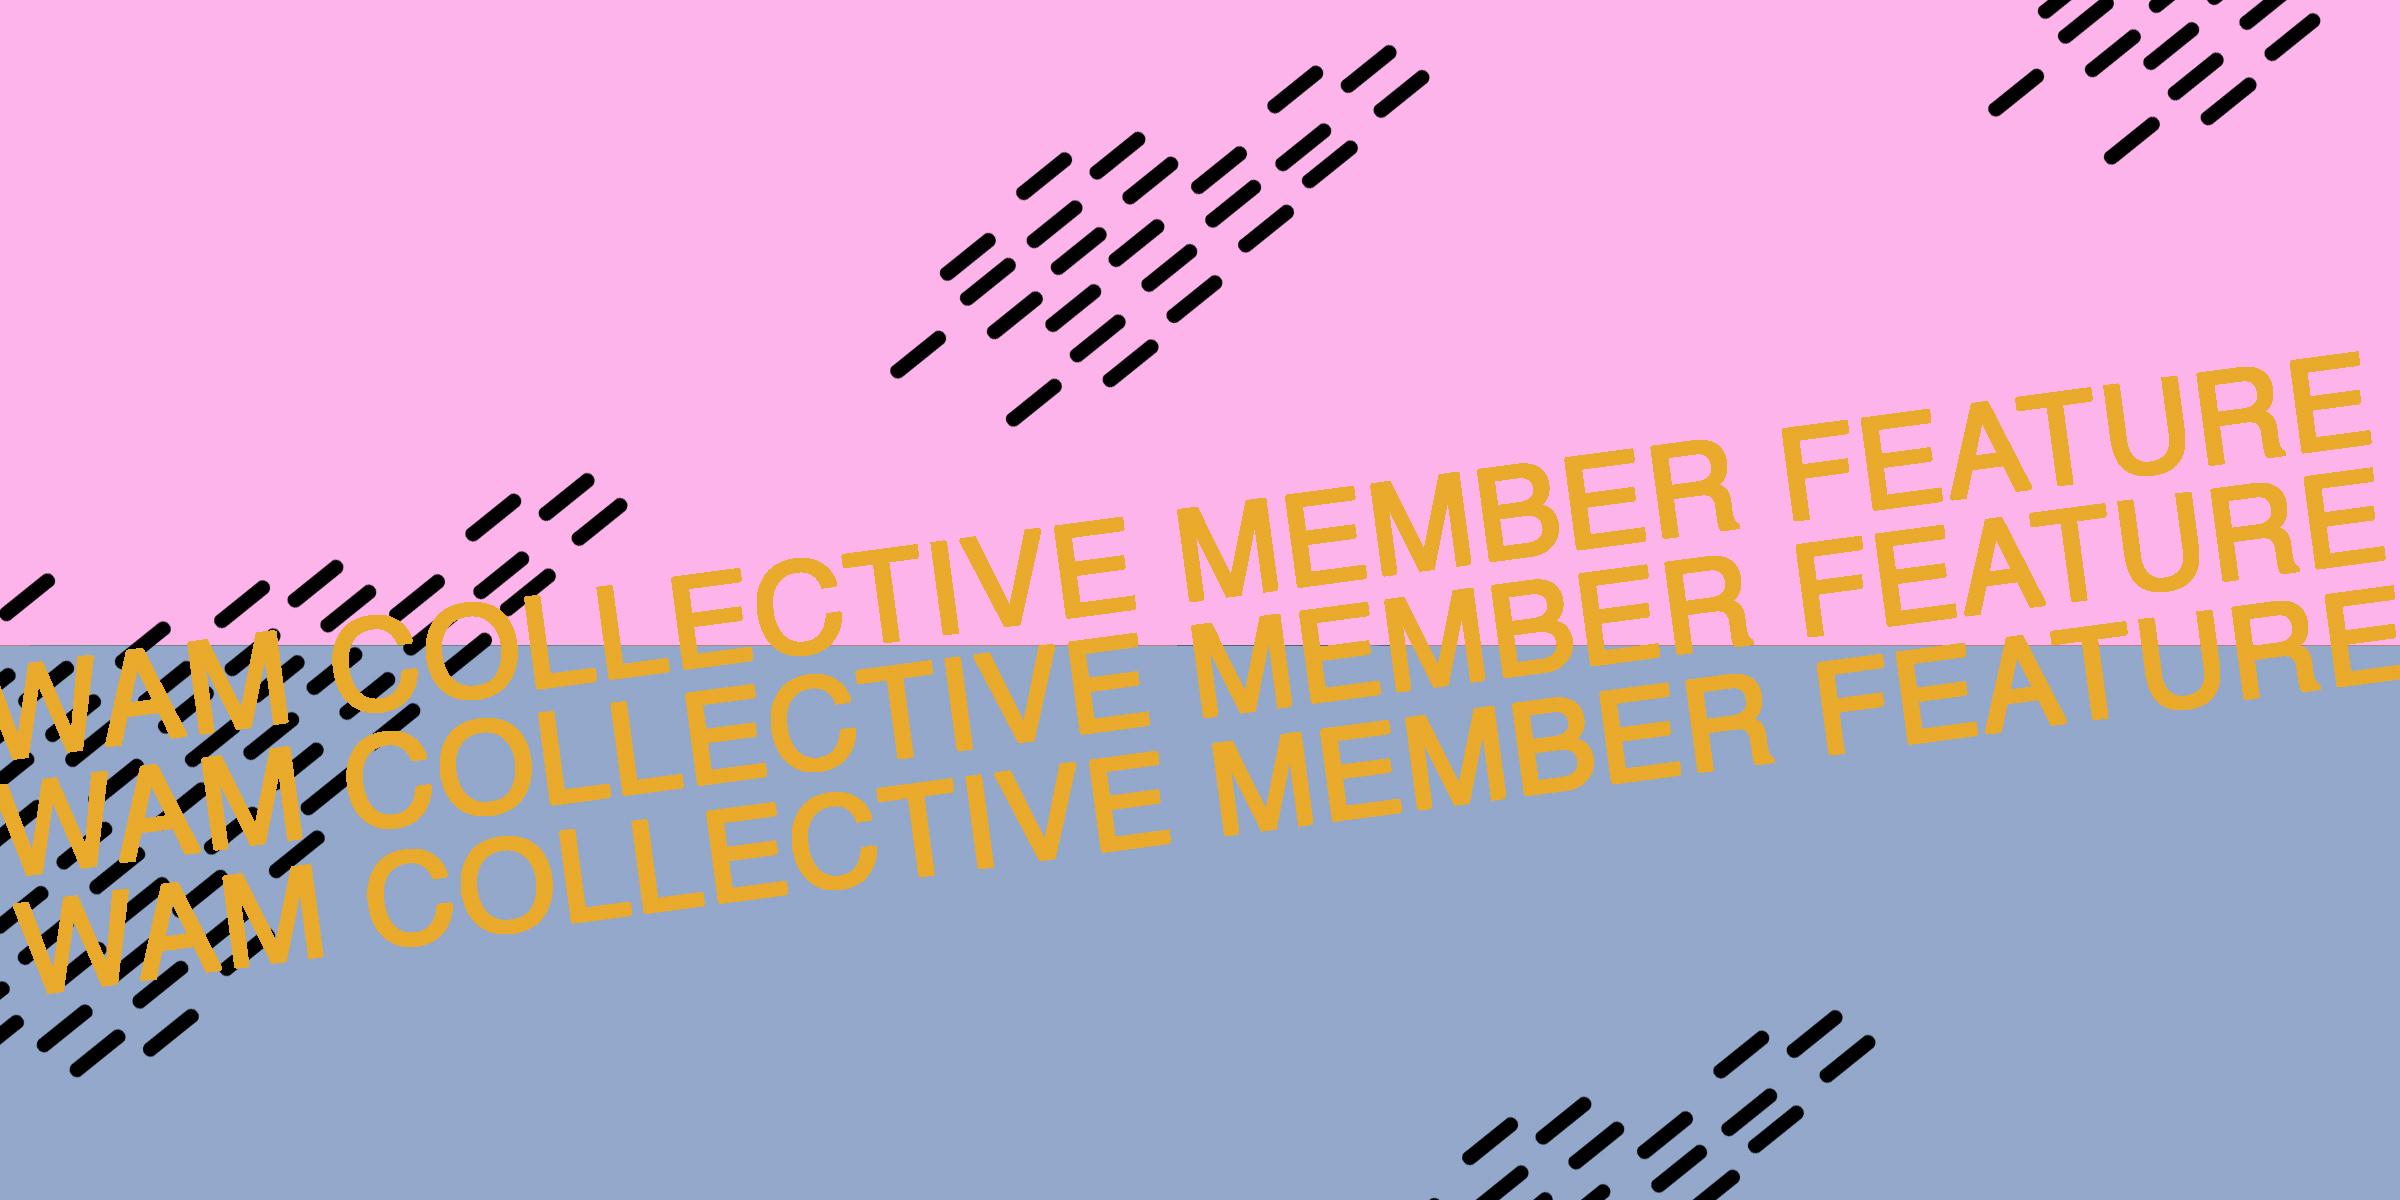 BlogHeader-NewMemberFeature.jpg